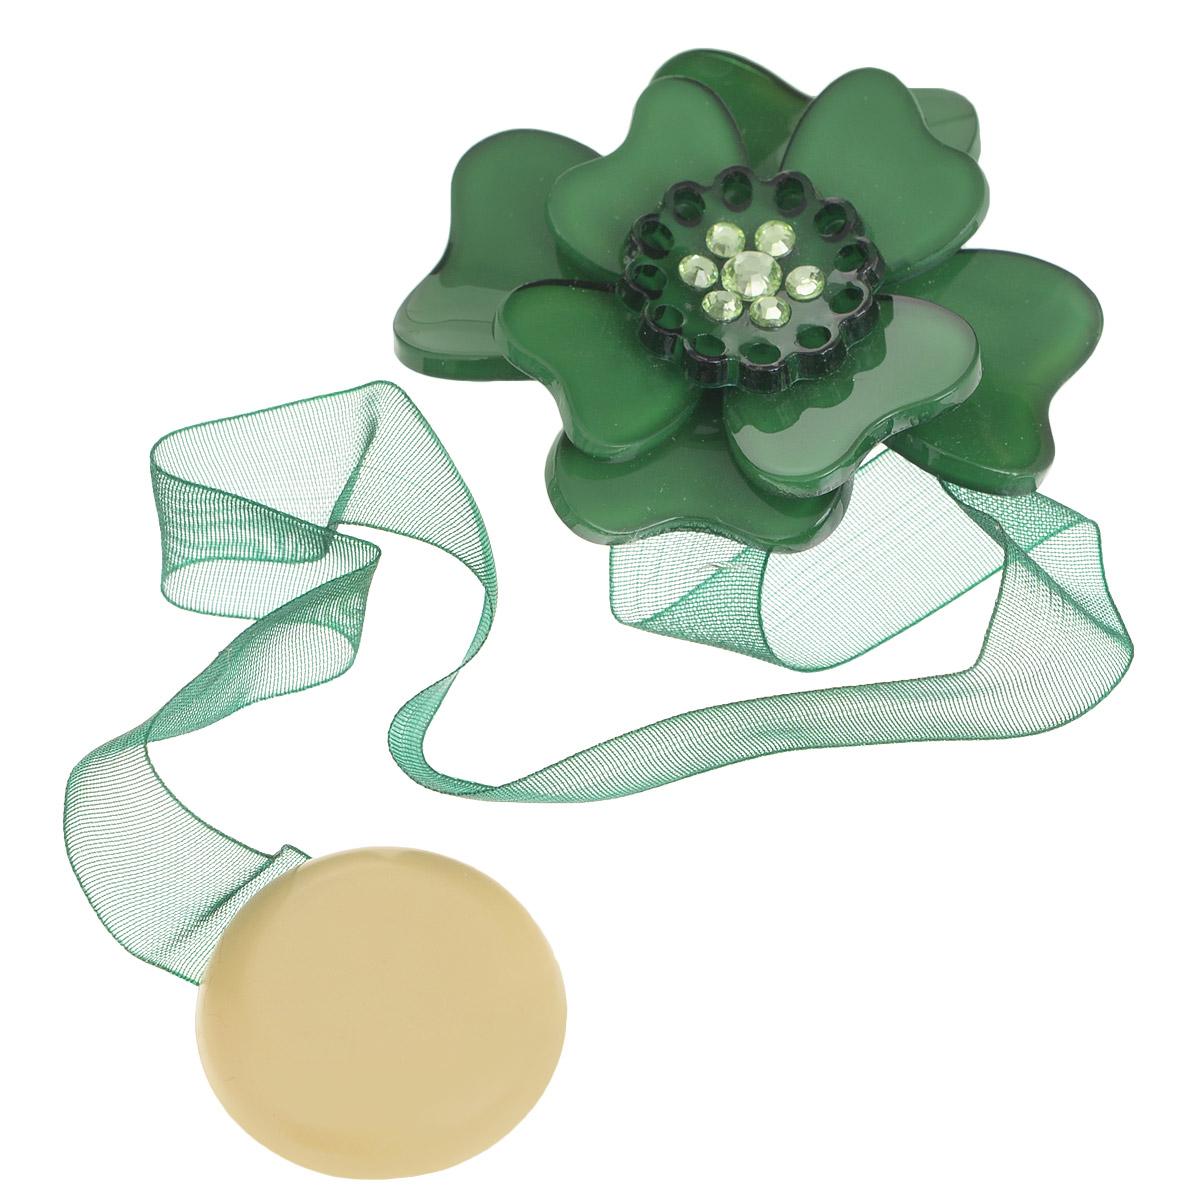 Клипса-магнит для штор Calamita Fiore, цвет: бутылочный. 7704008_6301004900000360Клипса-магнит Calamita Fiore, изготовленная из пластика и текстиля, предназначена для придания формы шторам. Изделие представляет собой два магнита, расположенные на разных концах текстильной ленты. Один из магнитов оформлен декоративным цветком и украшен стразами. С помощью такой магнитной клипсы можно зафиксировать портьеры, придать им требуемое положение, сделать складки симметричными или приблизить портьеры, скрепить их. Клипсы для штор являются универсальным изделием, которое превосходно подойдет как для штор в детской комнате, так и для штор в гостиной. Следует отметить, что клипсы для штор выполняют не только практическую функцию, но также являются одной из основных деталей декора этого изделия, которая придает шторам восхитительный, стильный внешний вид. Материал: пластик, полиэстер, магнит.Диаметр декоративного цветка: 5 см.Диаметр магнита: 2,5 см.Длина ленты: 28 см.